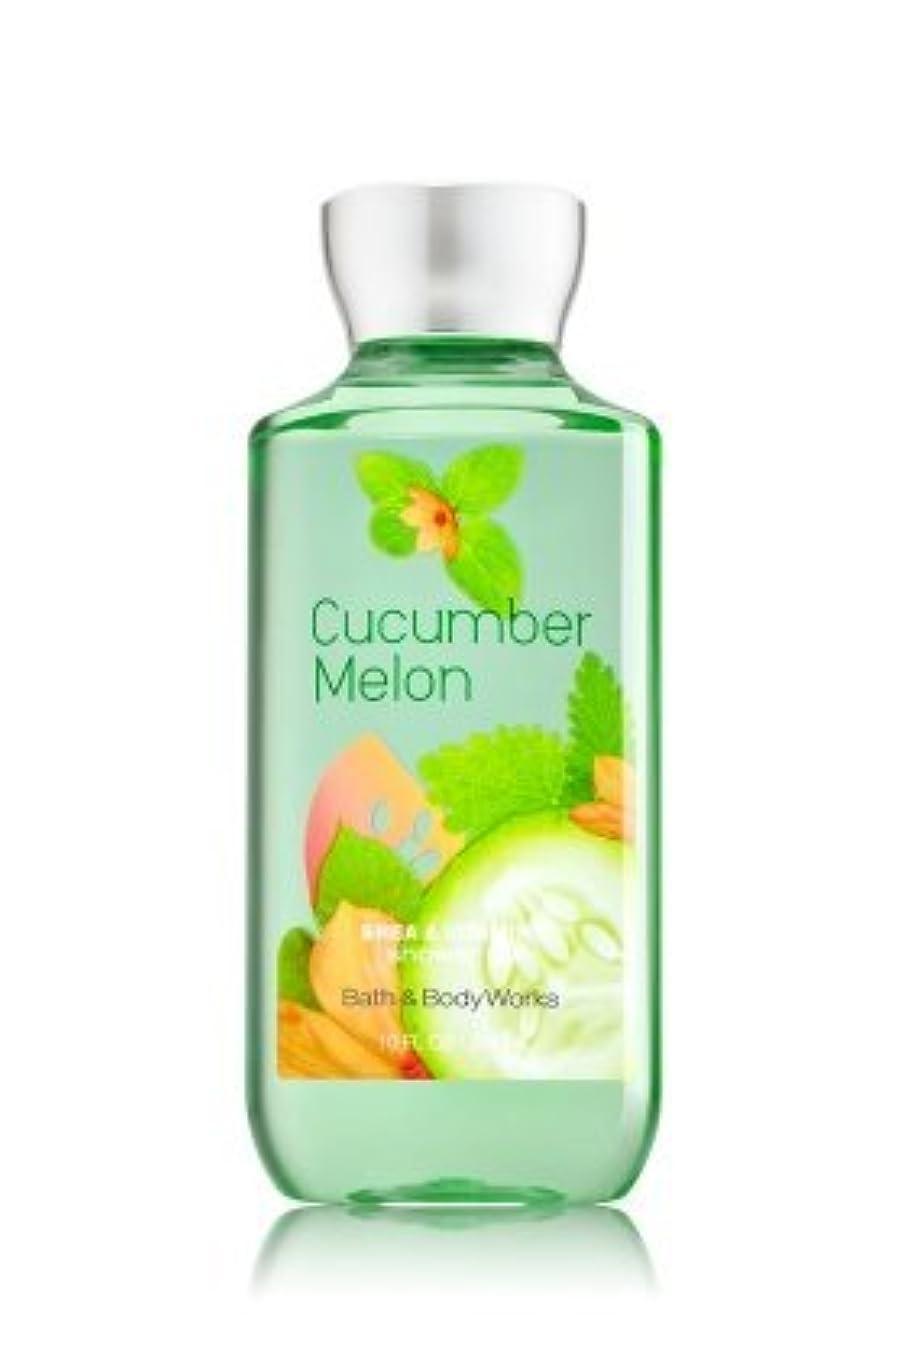 発掘する相対性理論軽蔑する【Bath&Body Works/バス&ボディワークス】 シャワージェル キューカンバーメロン Shower Gel Cucumber Melon 10 fl oz / 295 mL [並行輸入品]